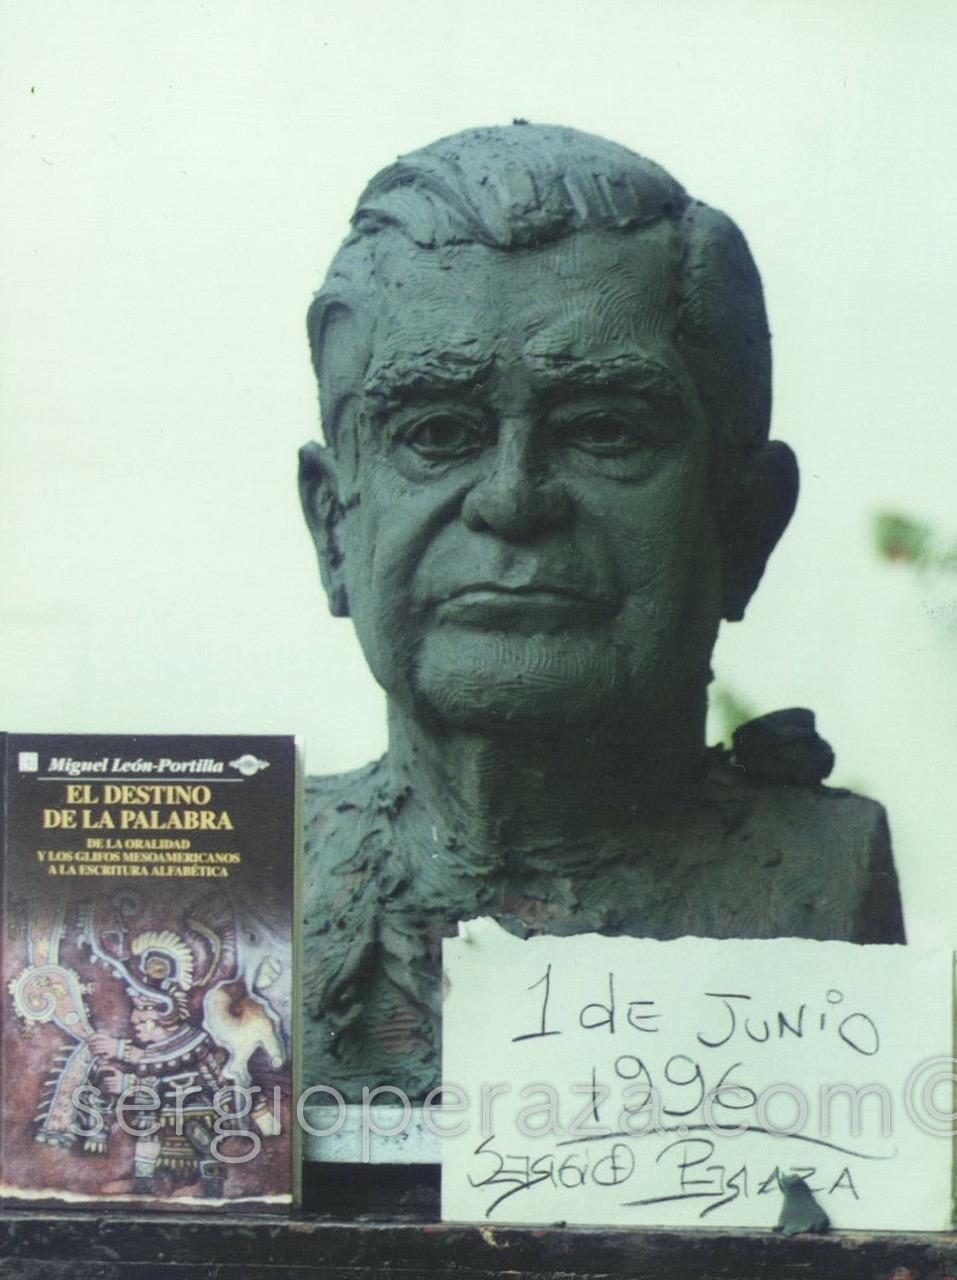 Busto Miguel León Portilla - [Busto Escultórico] - <b>Sergio Peraza</b> | Arte ... - Miguel-Leon-Portilla-Junio-1996-Sergio-Peraza-Artista-Escultor